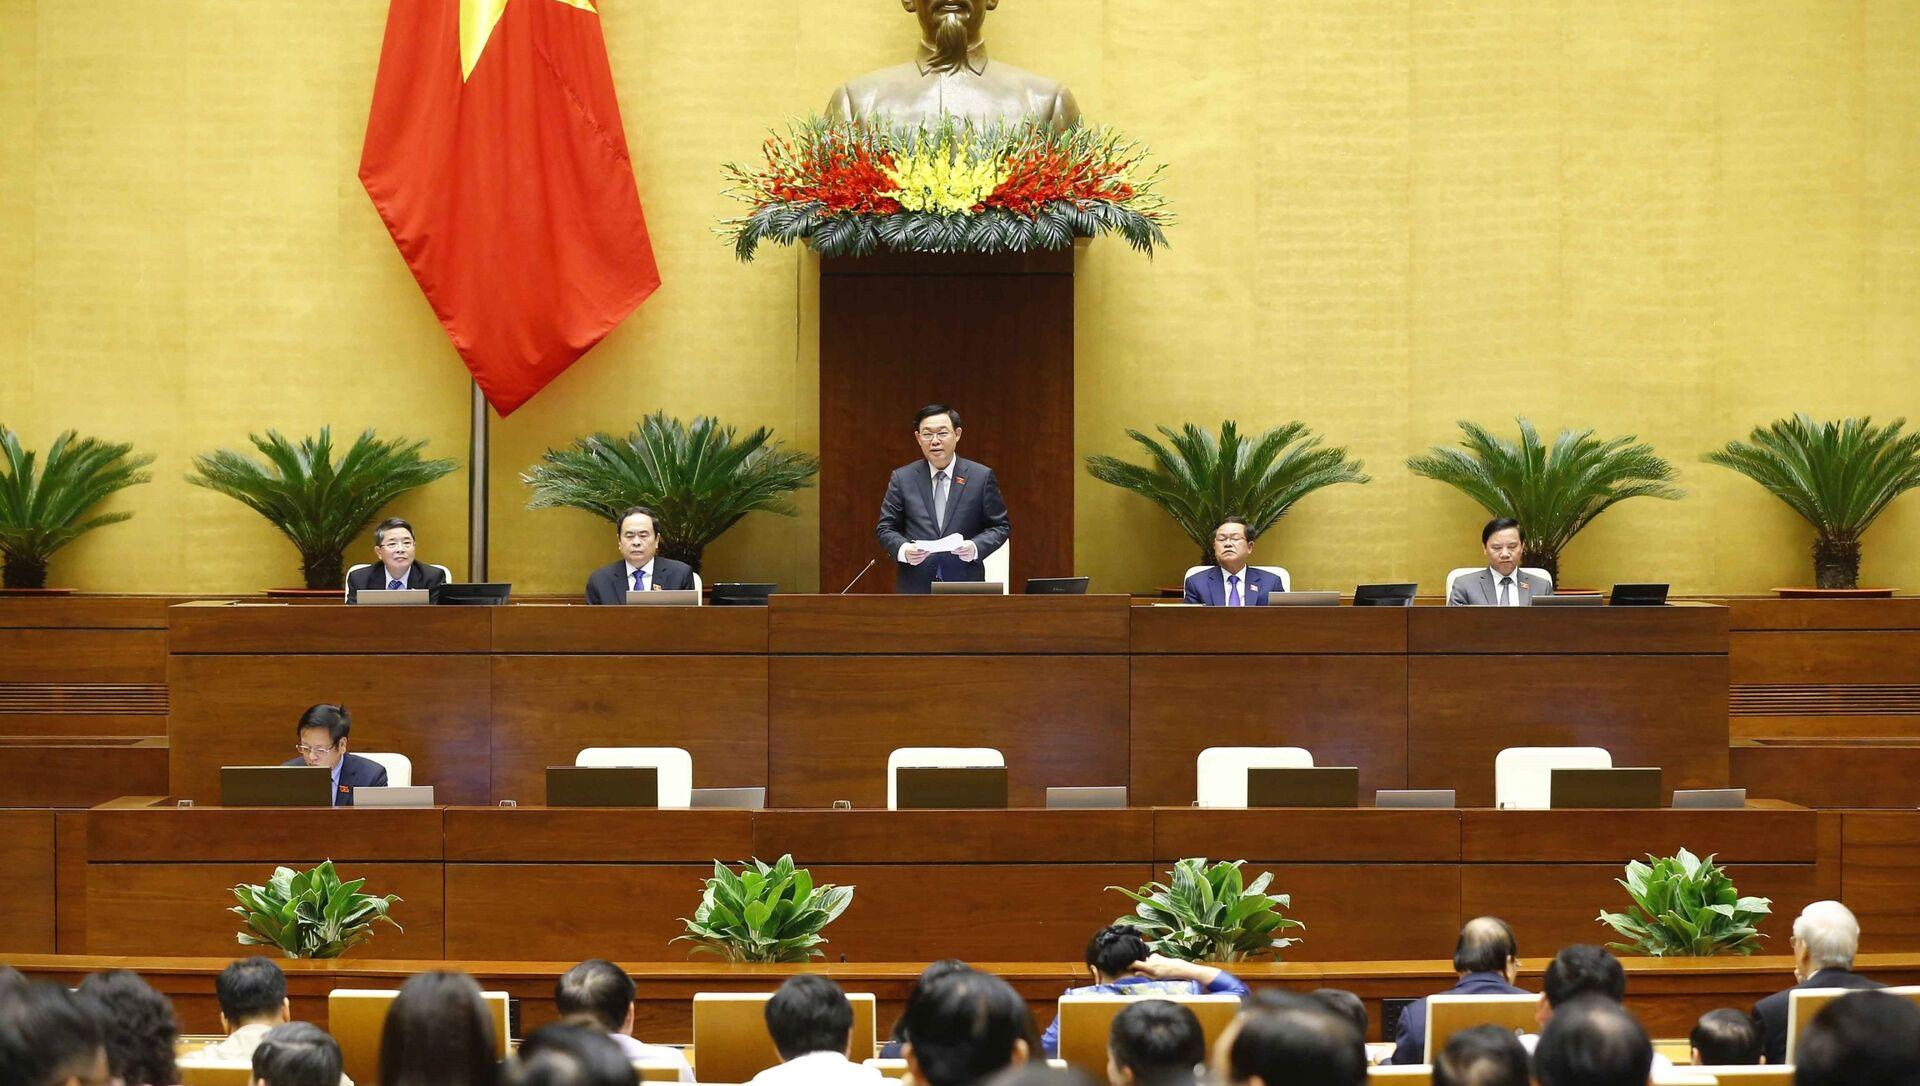 Chủ tịch Quốc hội Vương Đình Huệ phát biểu. - Sputnik Việt Nam, 1920, 06.04.2021